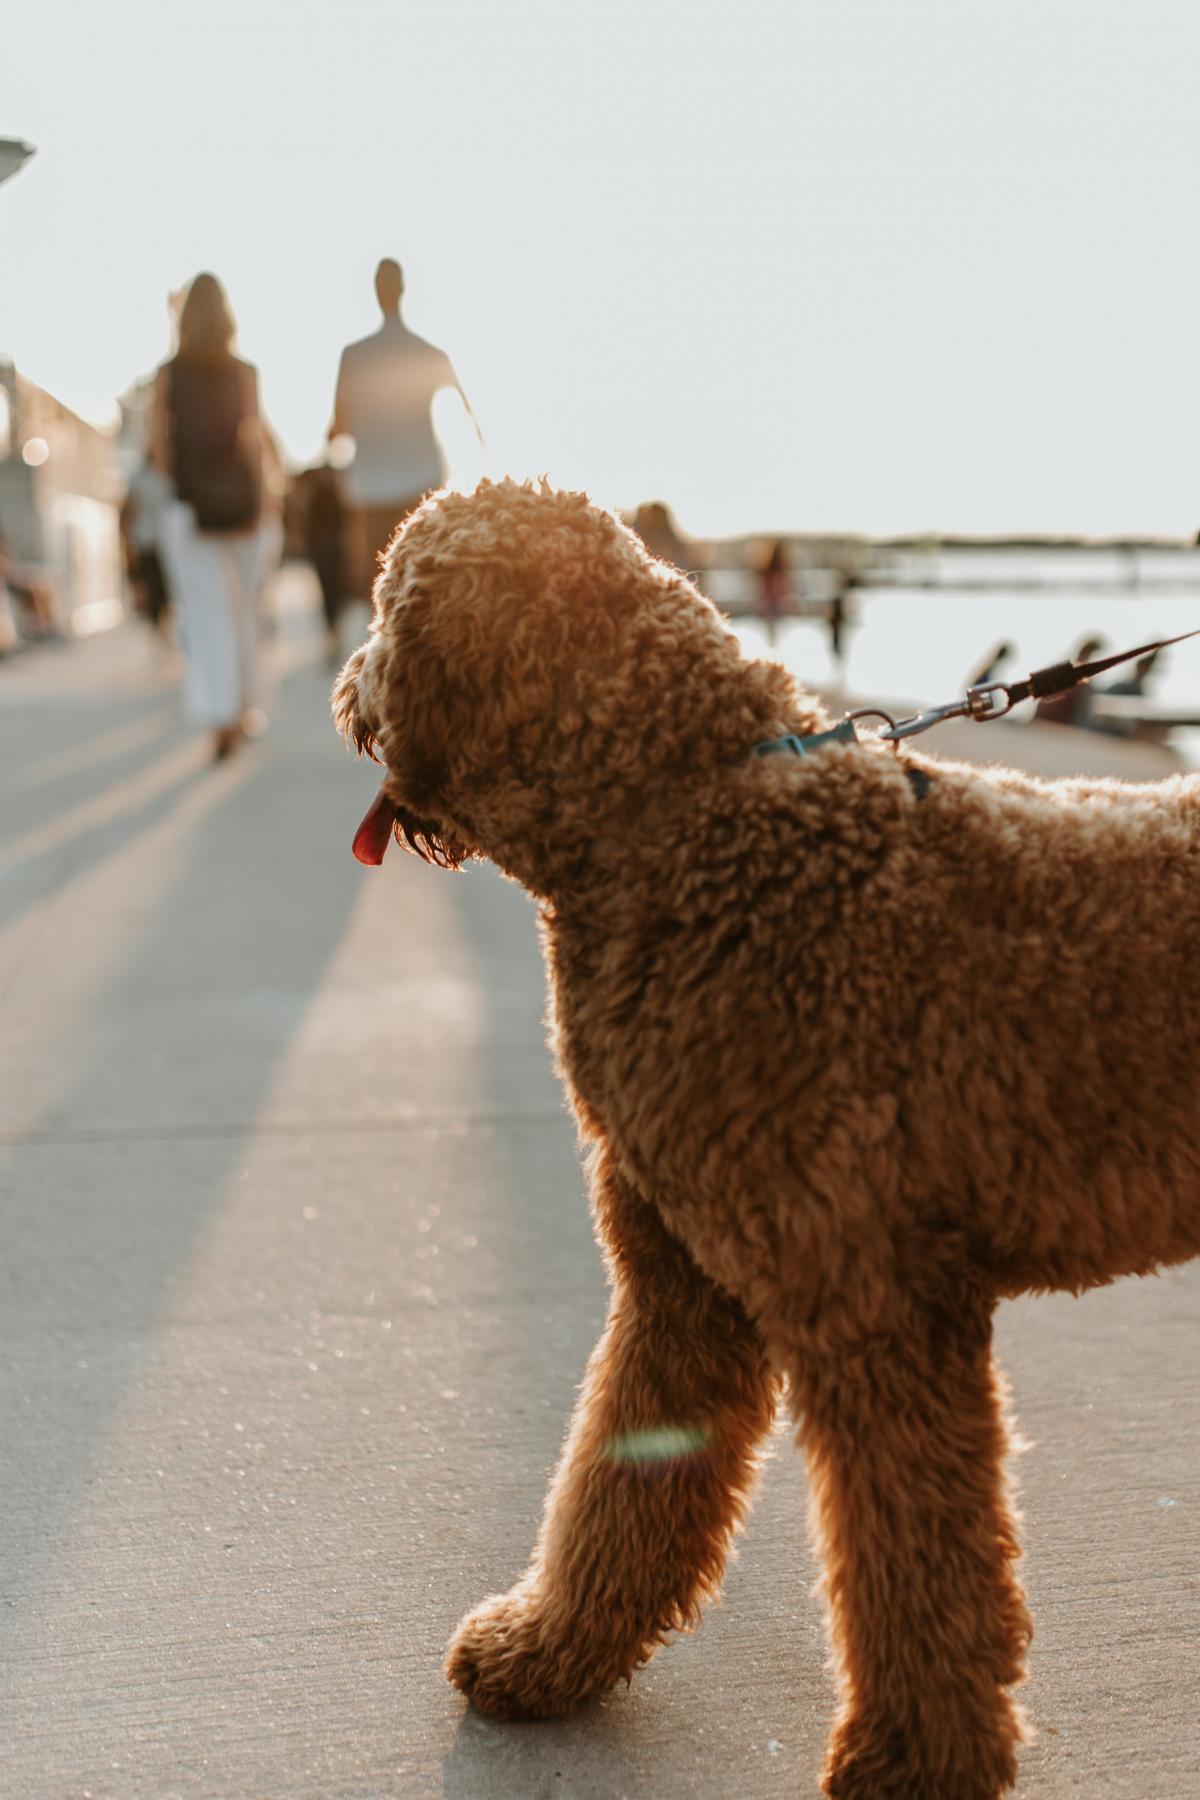 Poodle Dog Standard poodle #405289